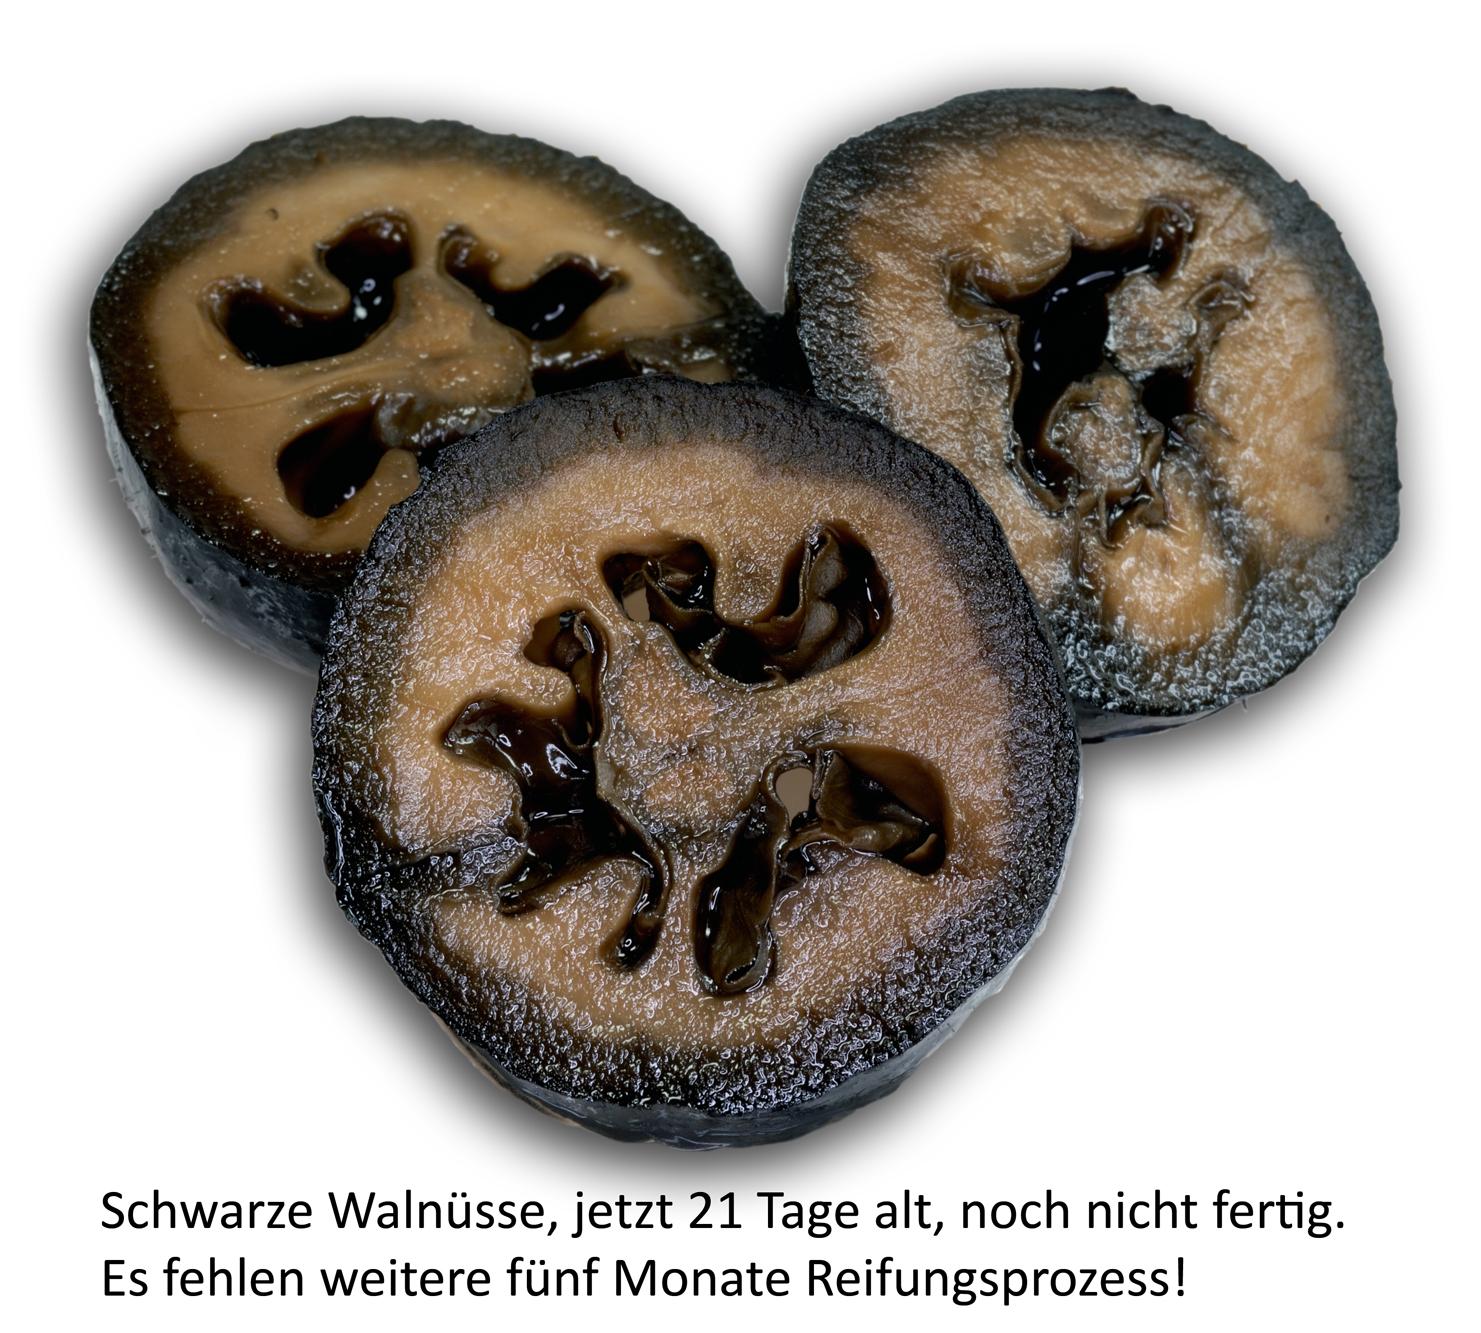 Schwarze Walnuss, 21igster Tag